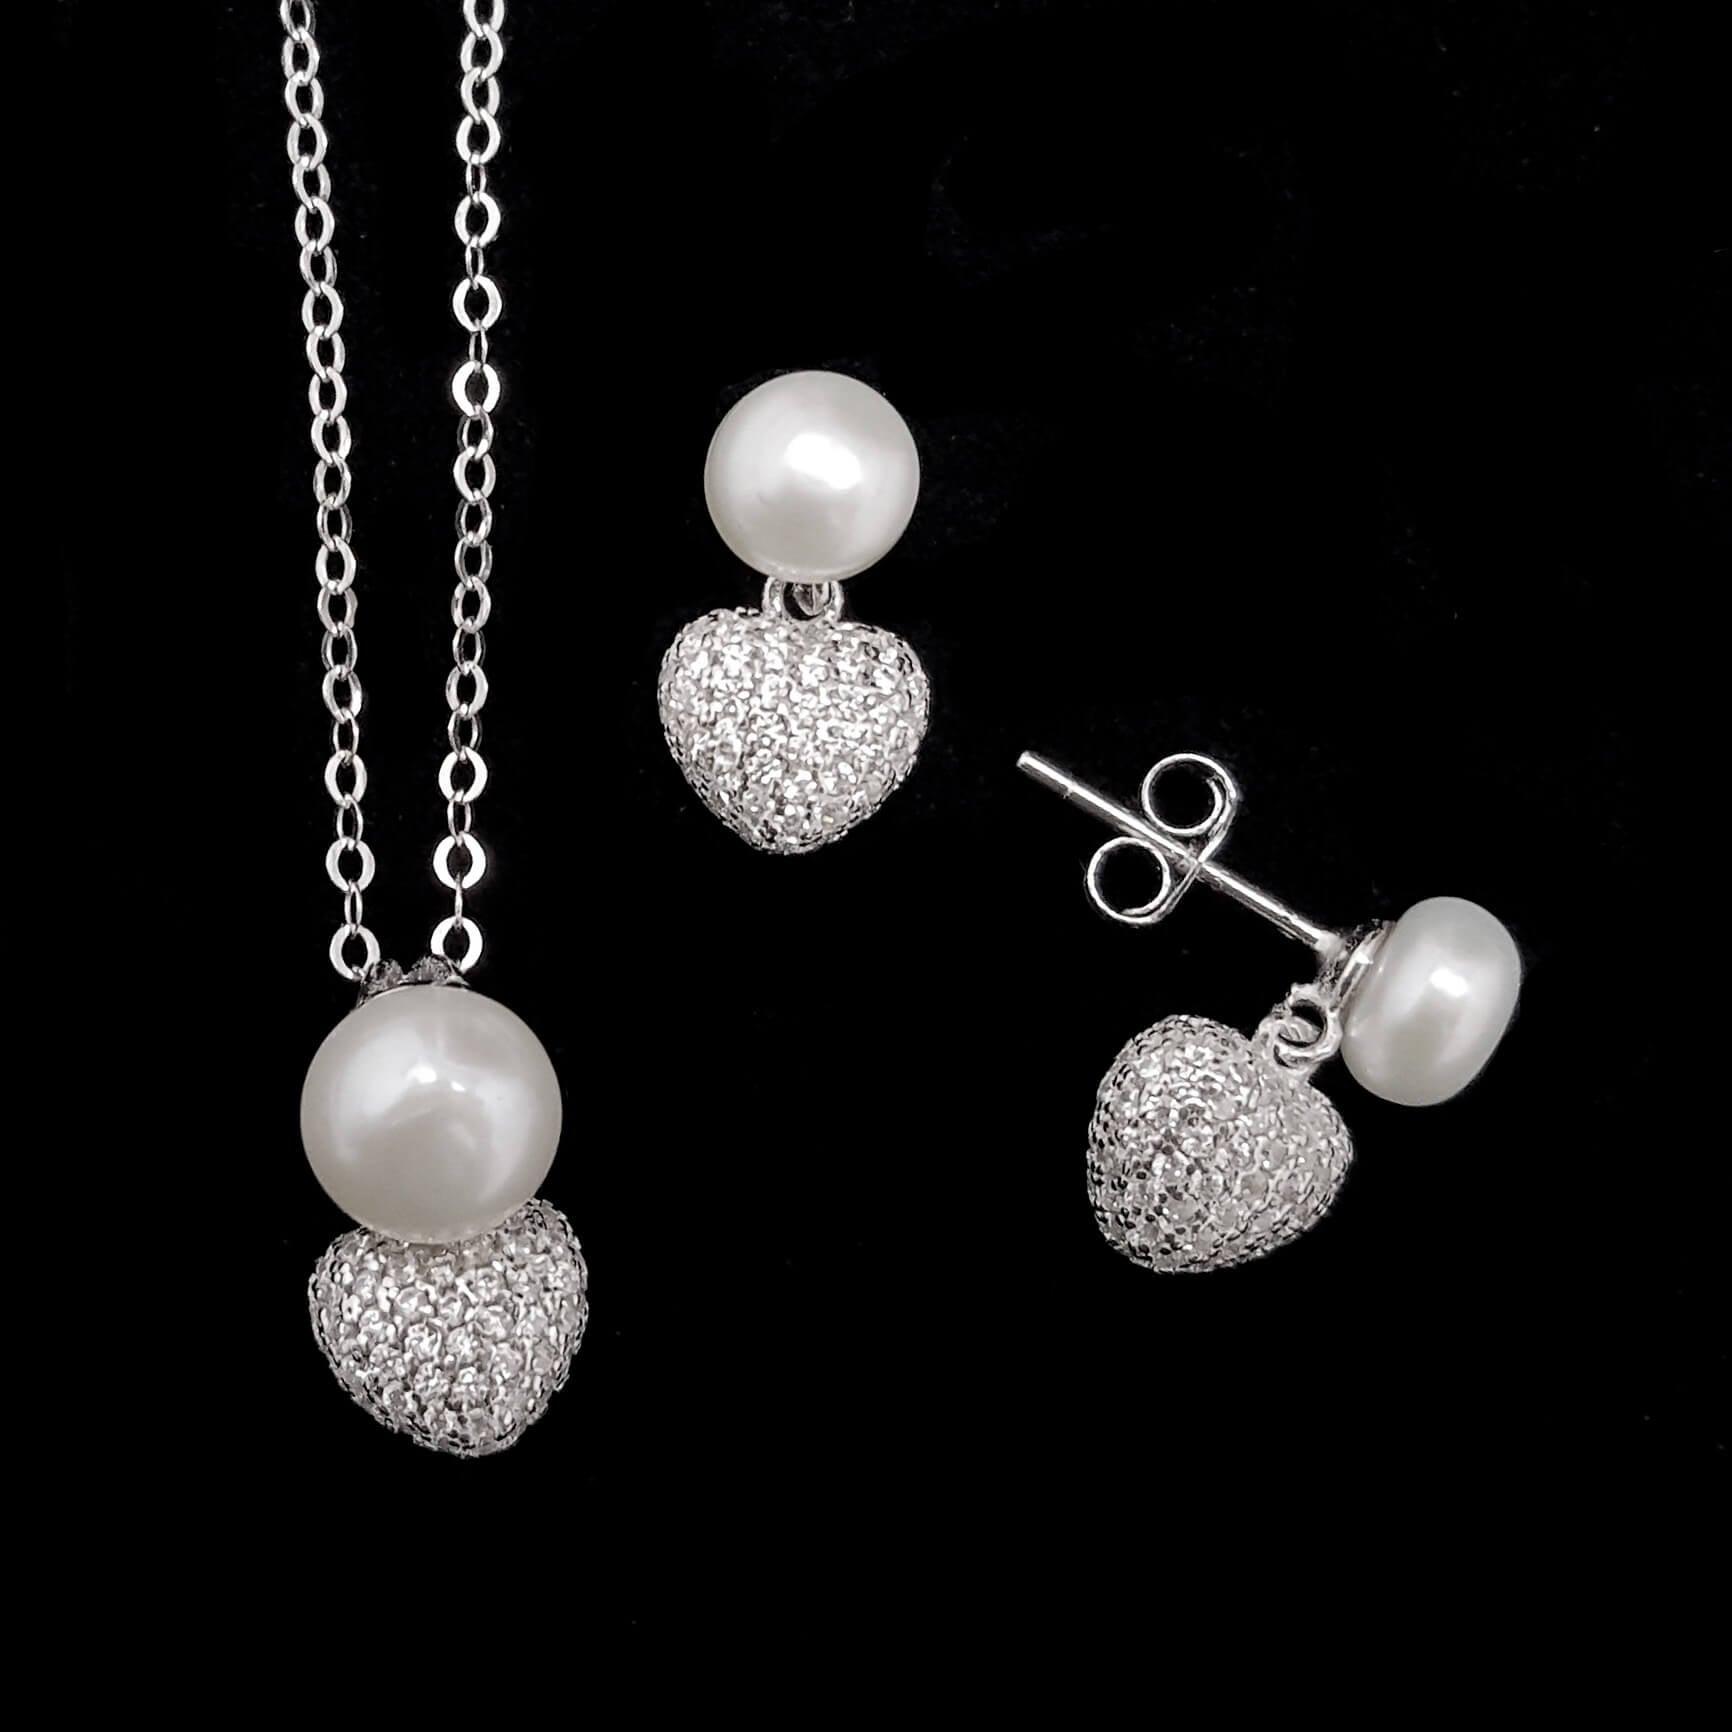 סט עגילים ותליון לבבות מכסף משובצים פנינה לבנה וזרקונים S1493   תכשיטי כסף 925   תכשיטים לחתונה